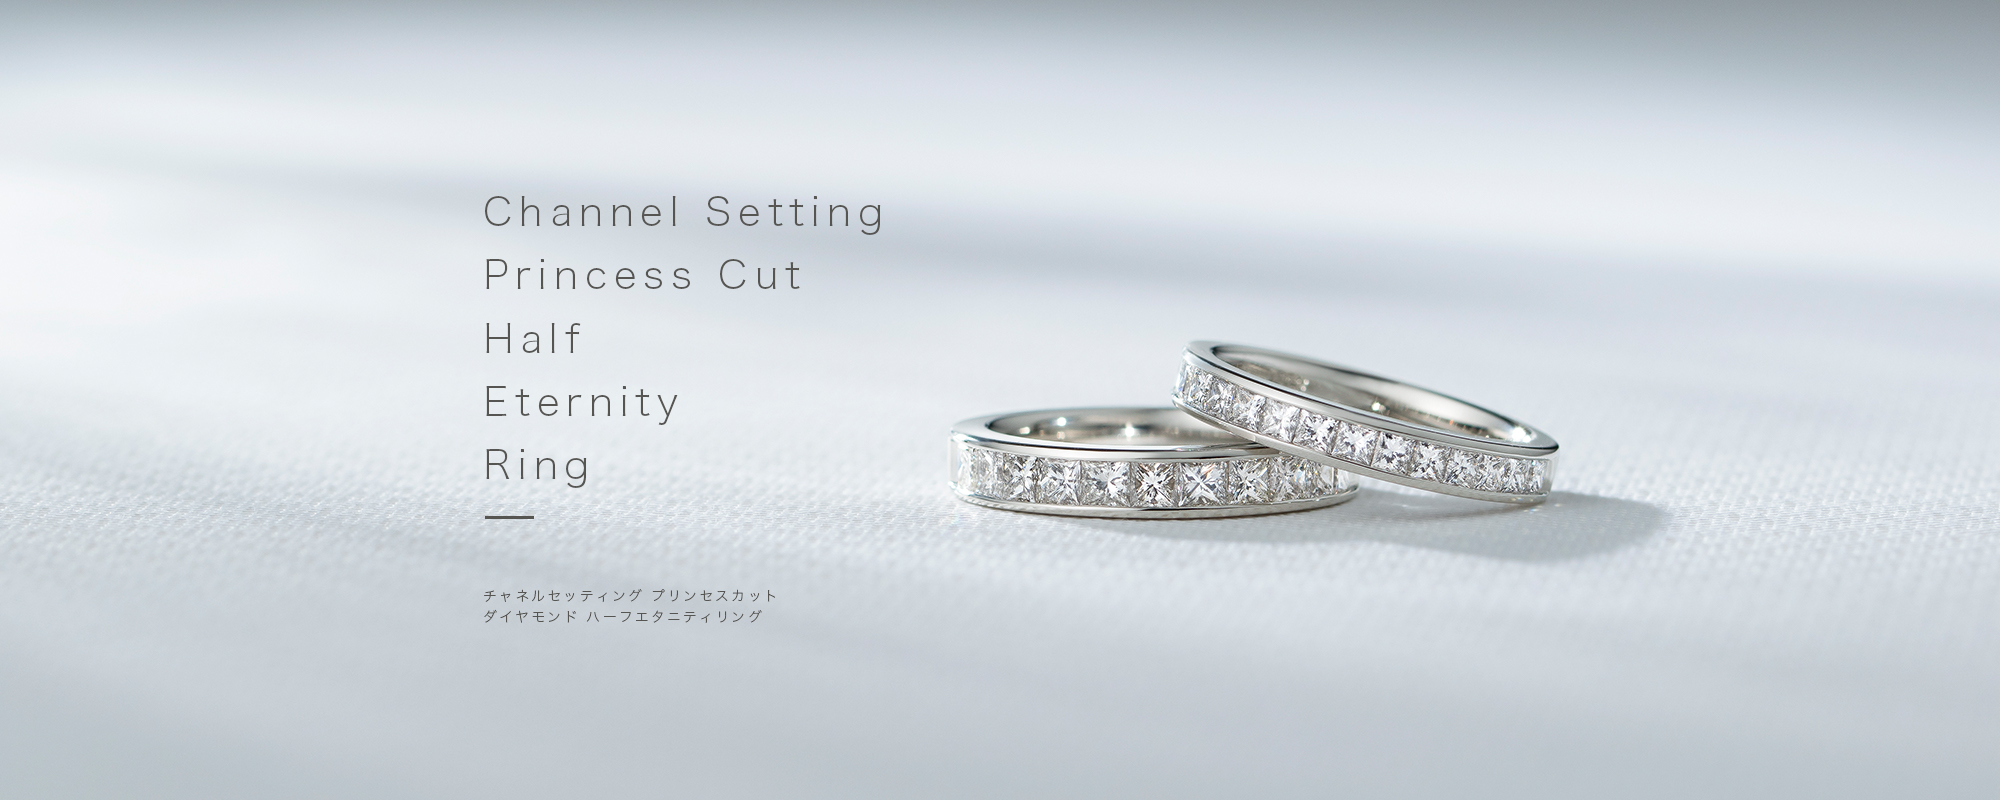 プリンセスカットダイヤモンドハーフエタニティリング 結婚指輪